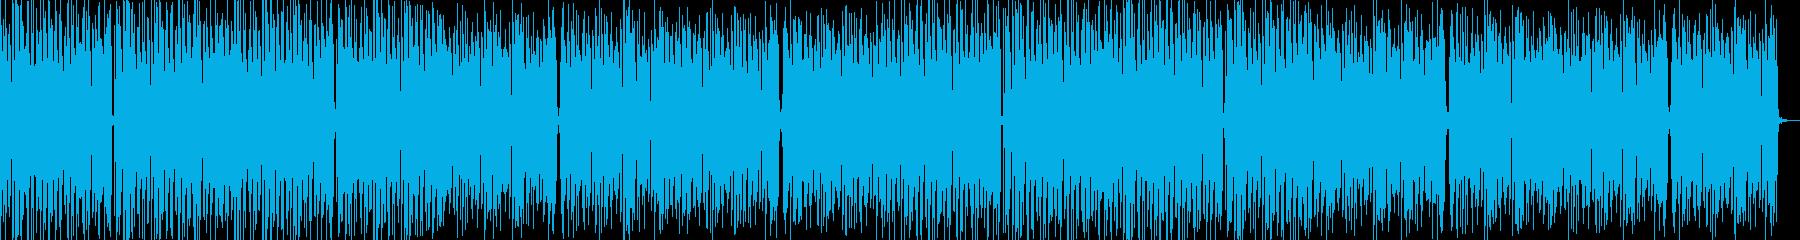 キラキラ優しい夏のフューチャーベースの再生済みの波形